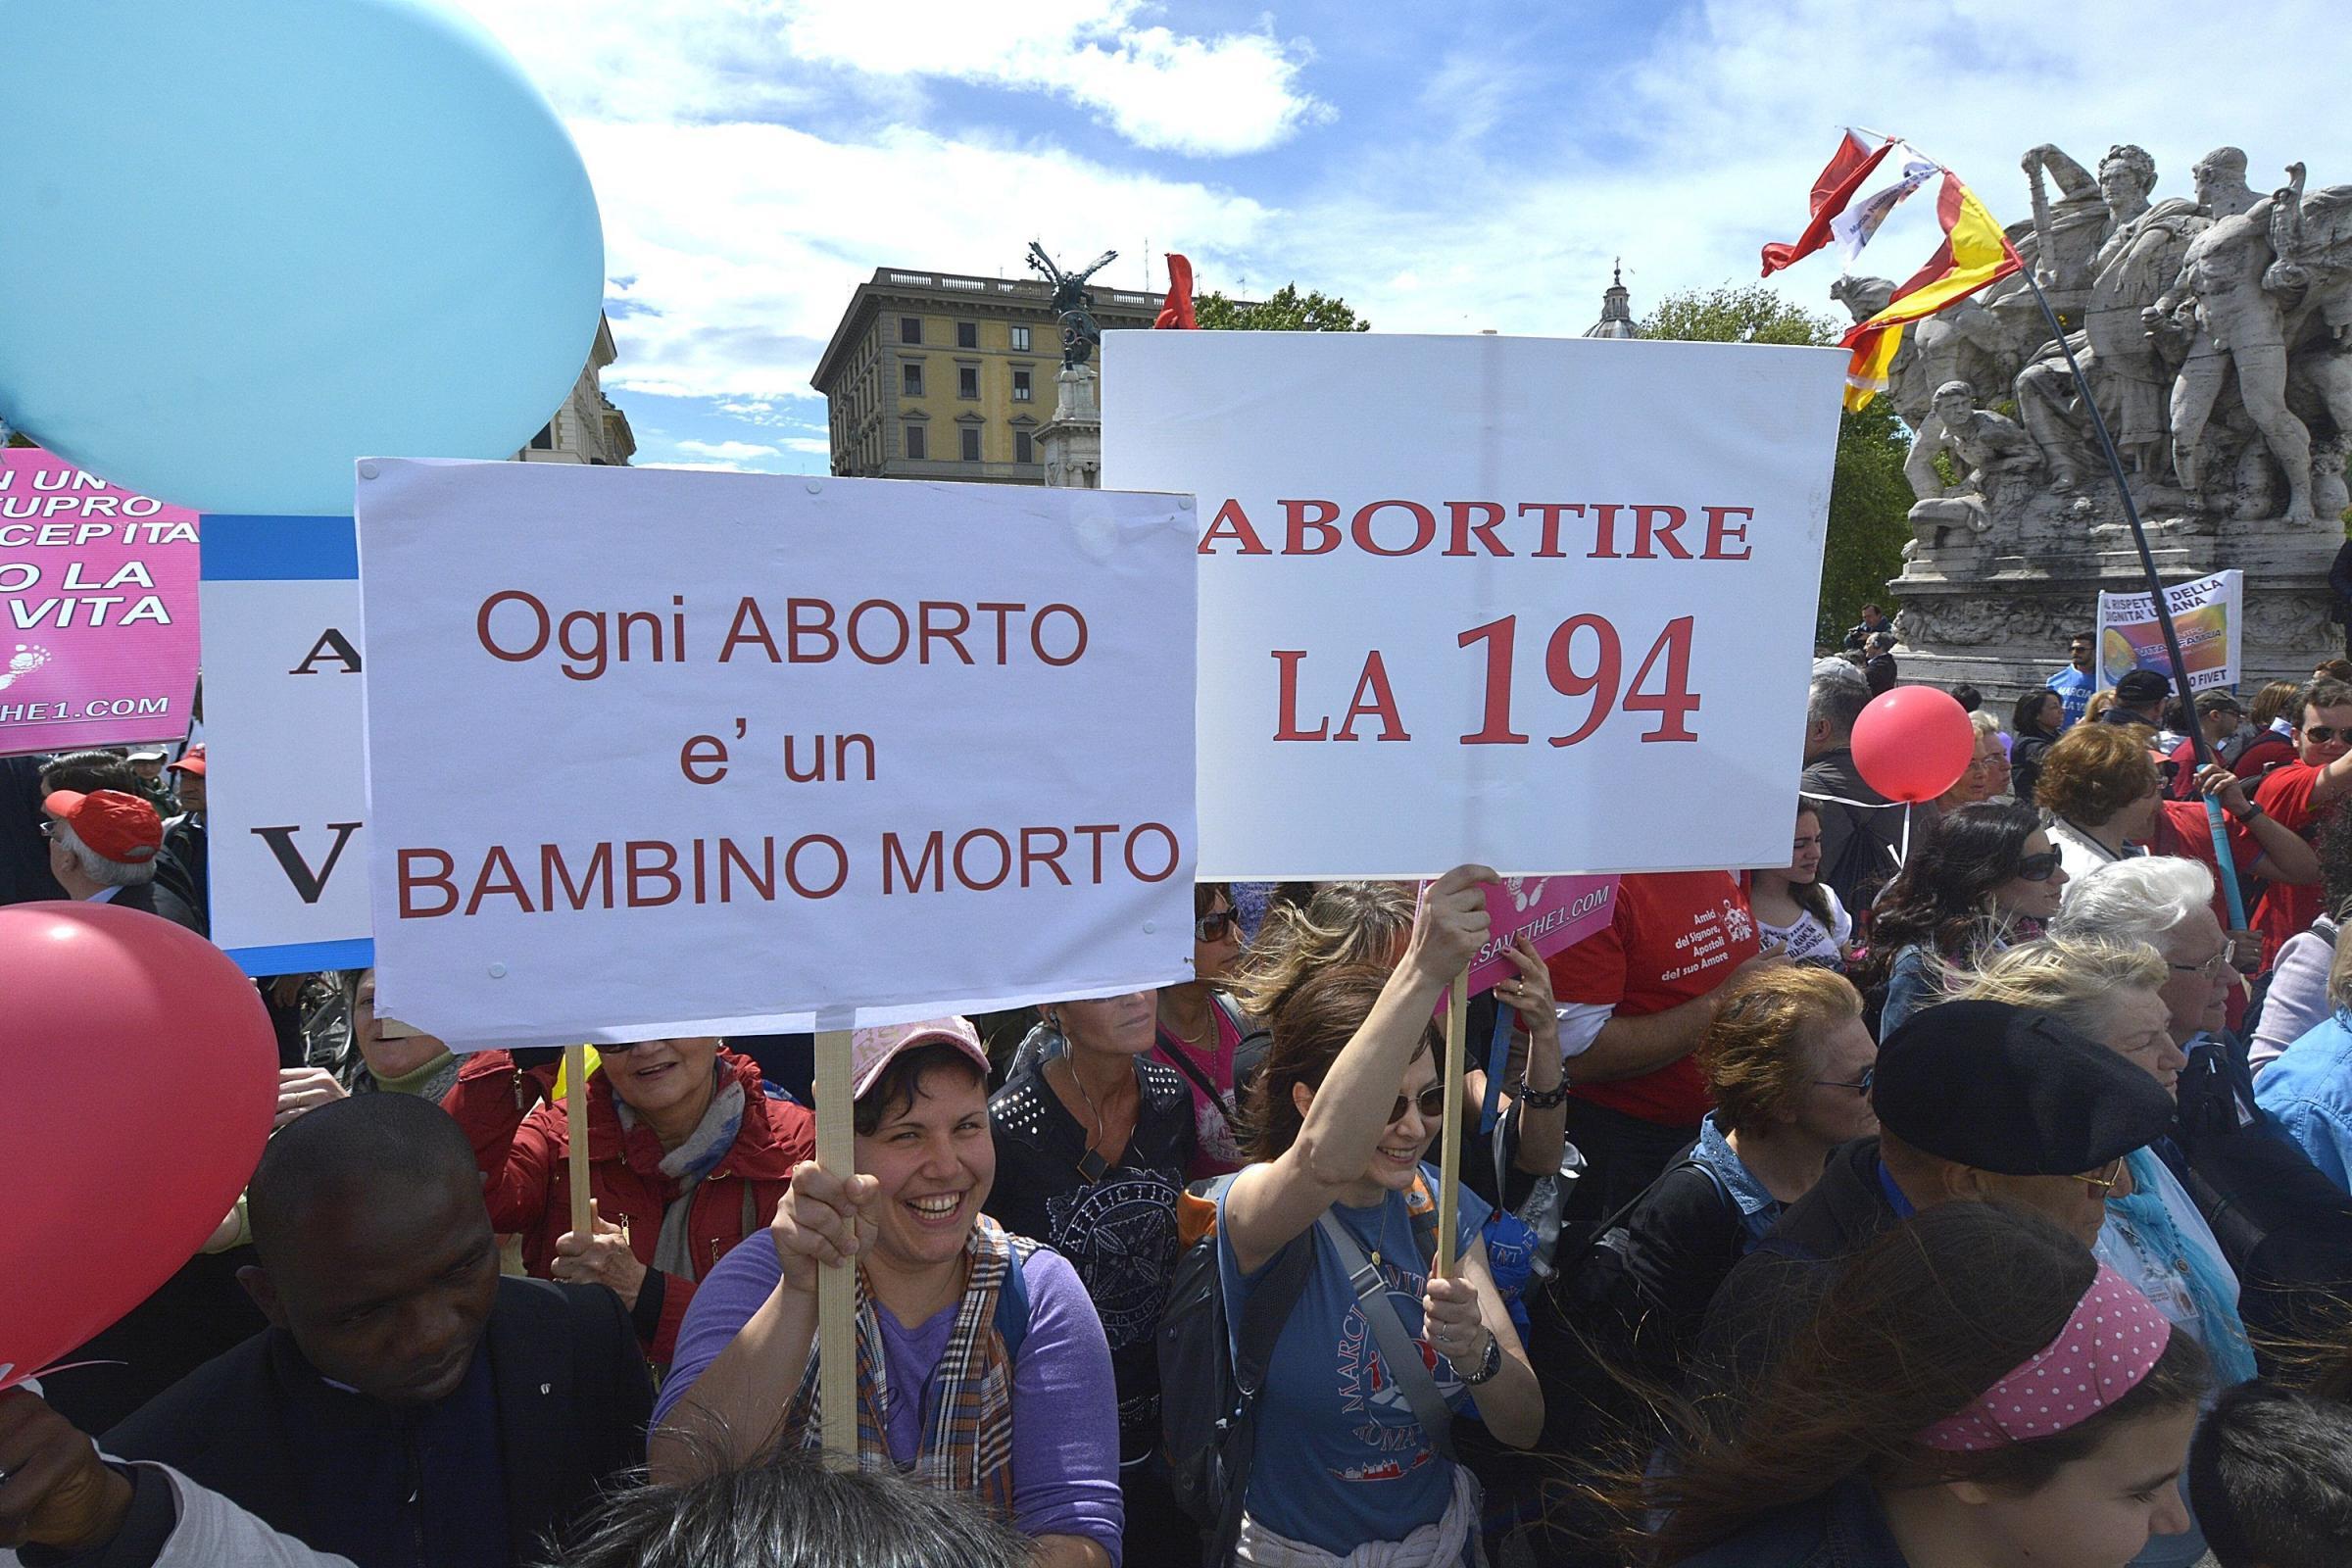 Marcia per la vita in piazza a Roma contro l'aborto